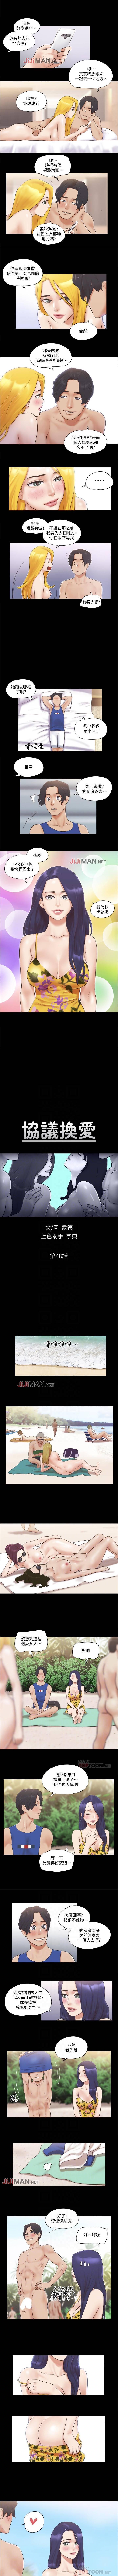 【周五连载】协议换爱(作者:遠德) 第1~62话 200